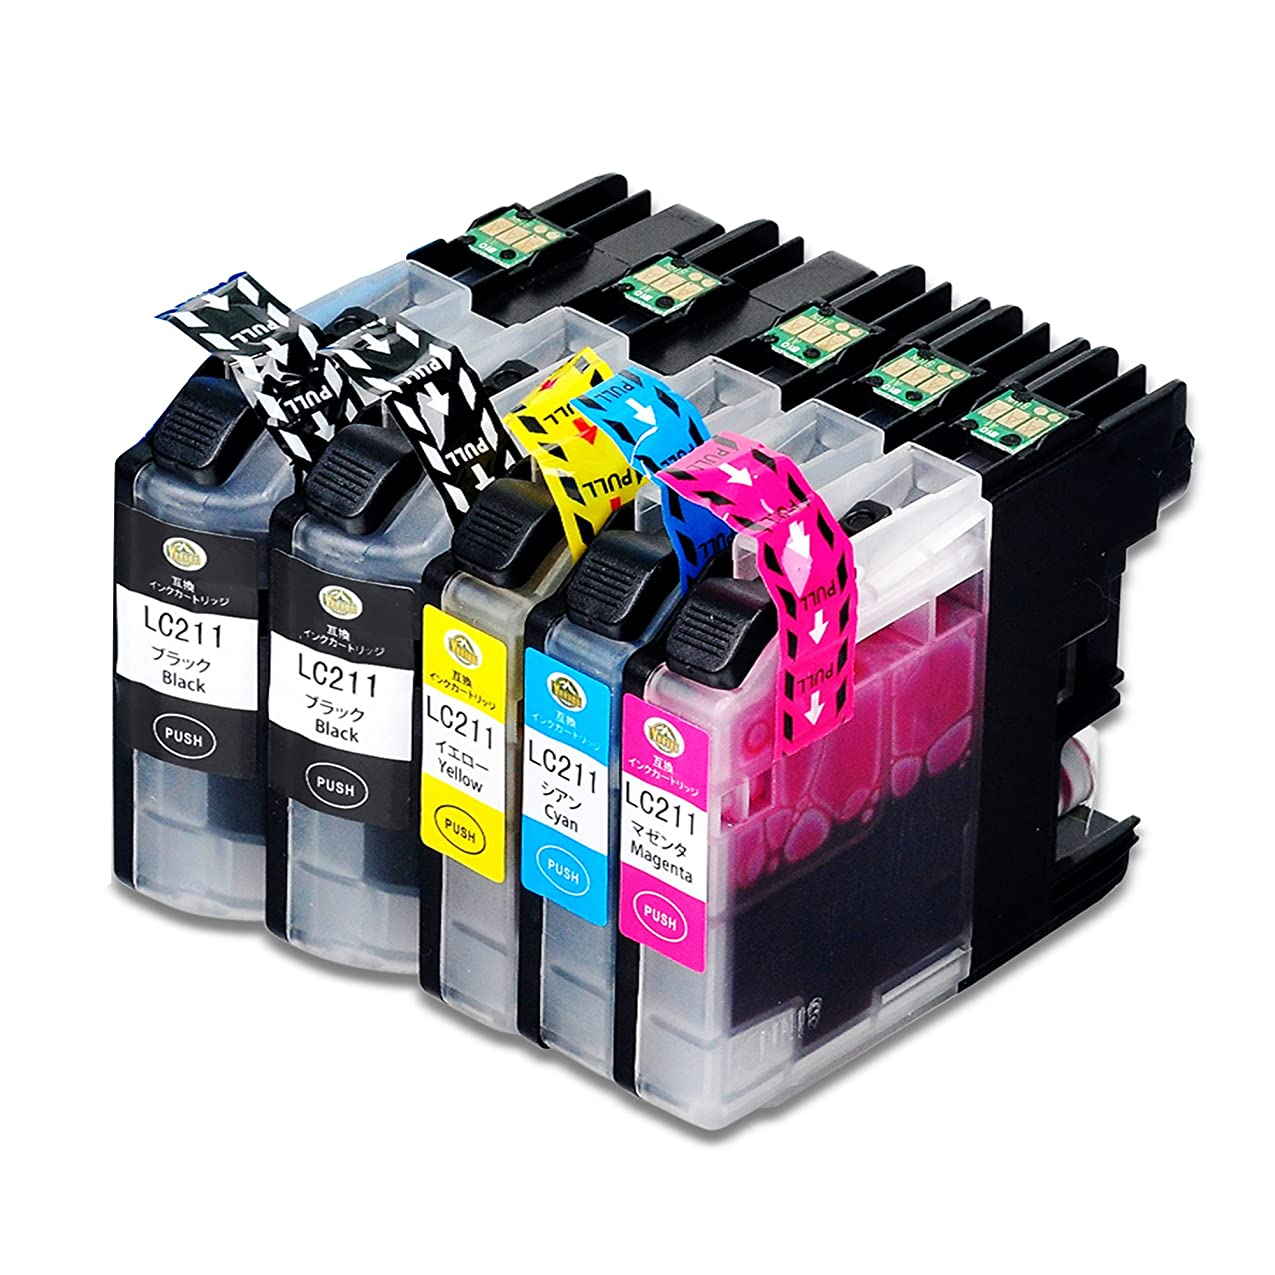 こんにちはかもしれない章Brother LC211 4色セット+1個ブラック LC211BK 合計5個 大容量 最新版ICチップ付け 高品質 ブラザー互換インクカートリッジ [YUUSHA] 対応機種:DCP-J963N DCP-J962N DCP-J762N DCP-J562N MFC-J880N MFC-J990DN MFC-J900DN MFC-J830DN MFC-J730DN MFC-J990DWN MFC-J900DWN MFC-J830DWN MFC-J730DWN